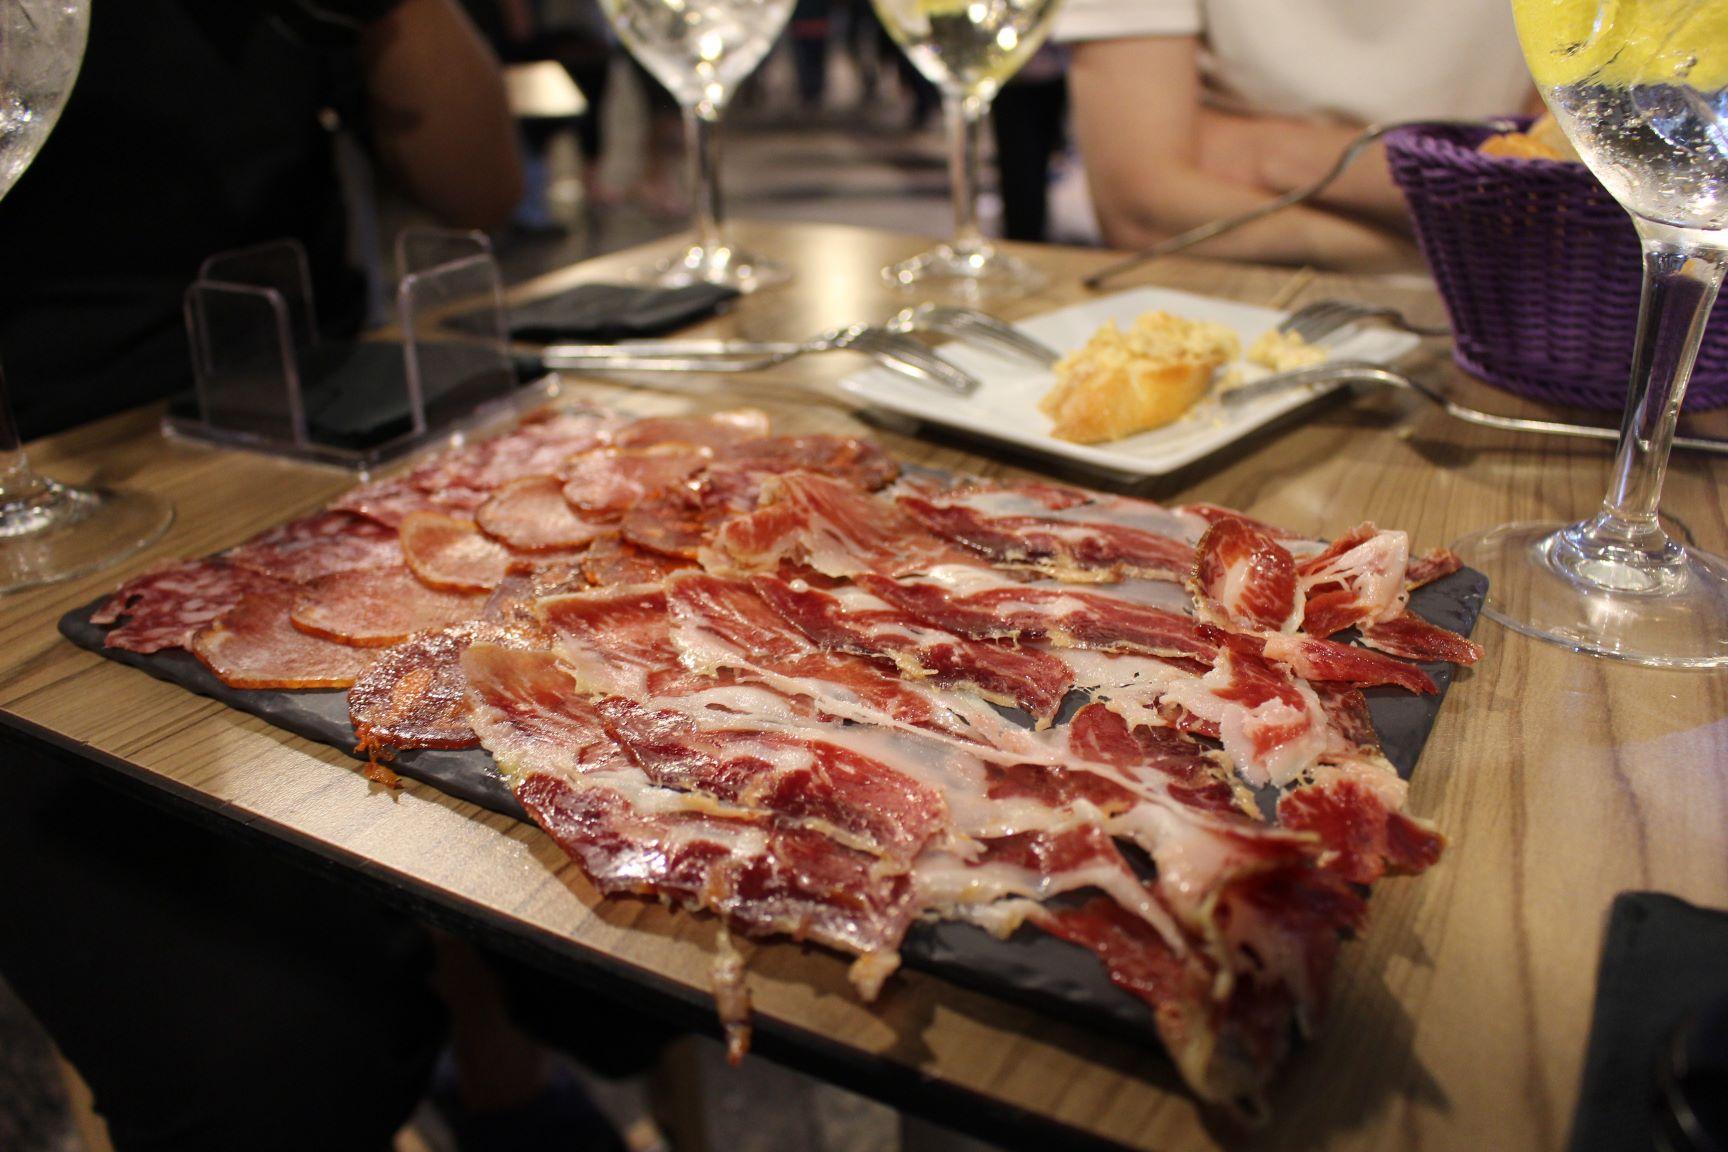 【スペイン】食欲が止まらない!? 美食の街サン・セバスチャンでしかできない豪食の旅